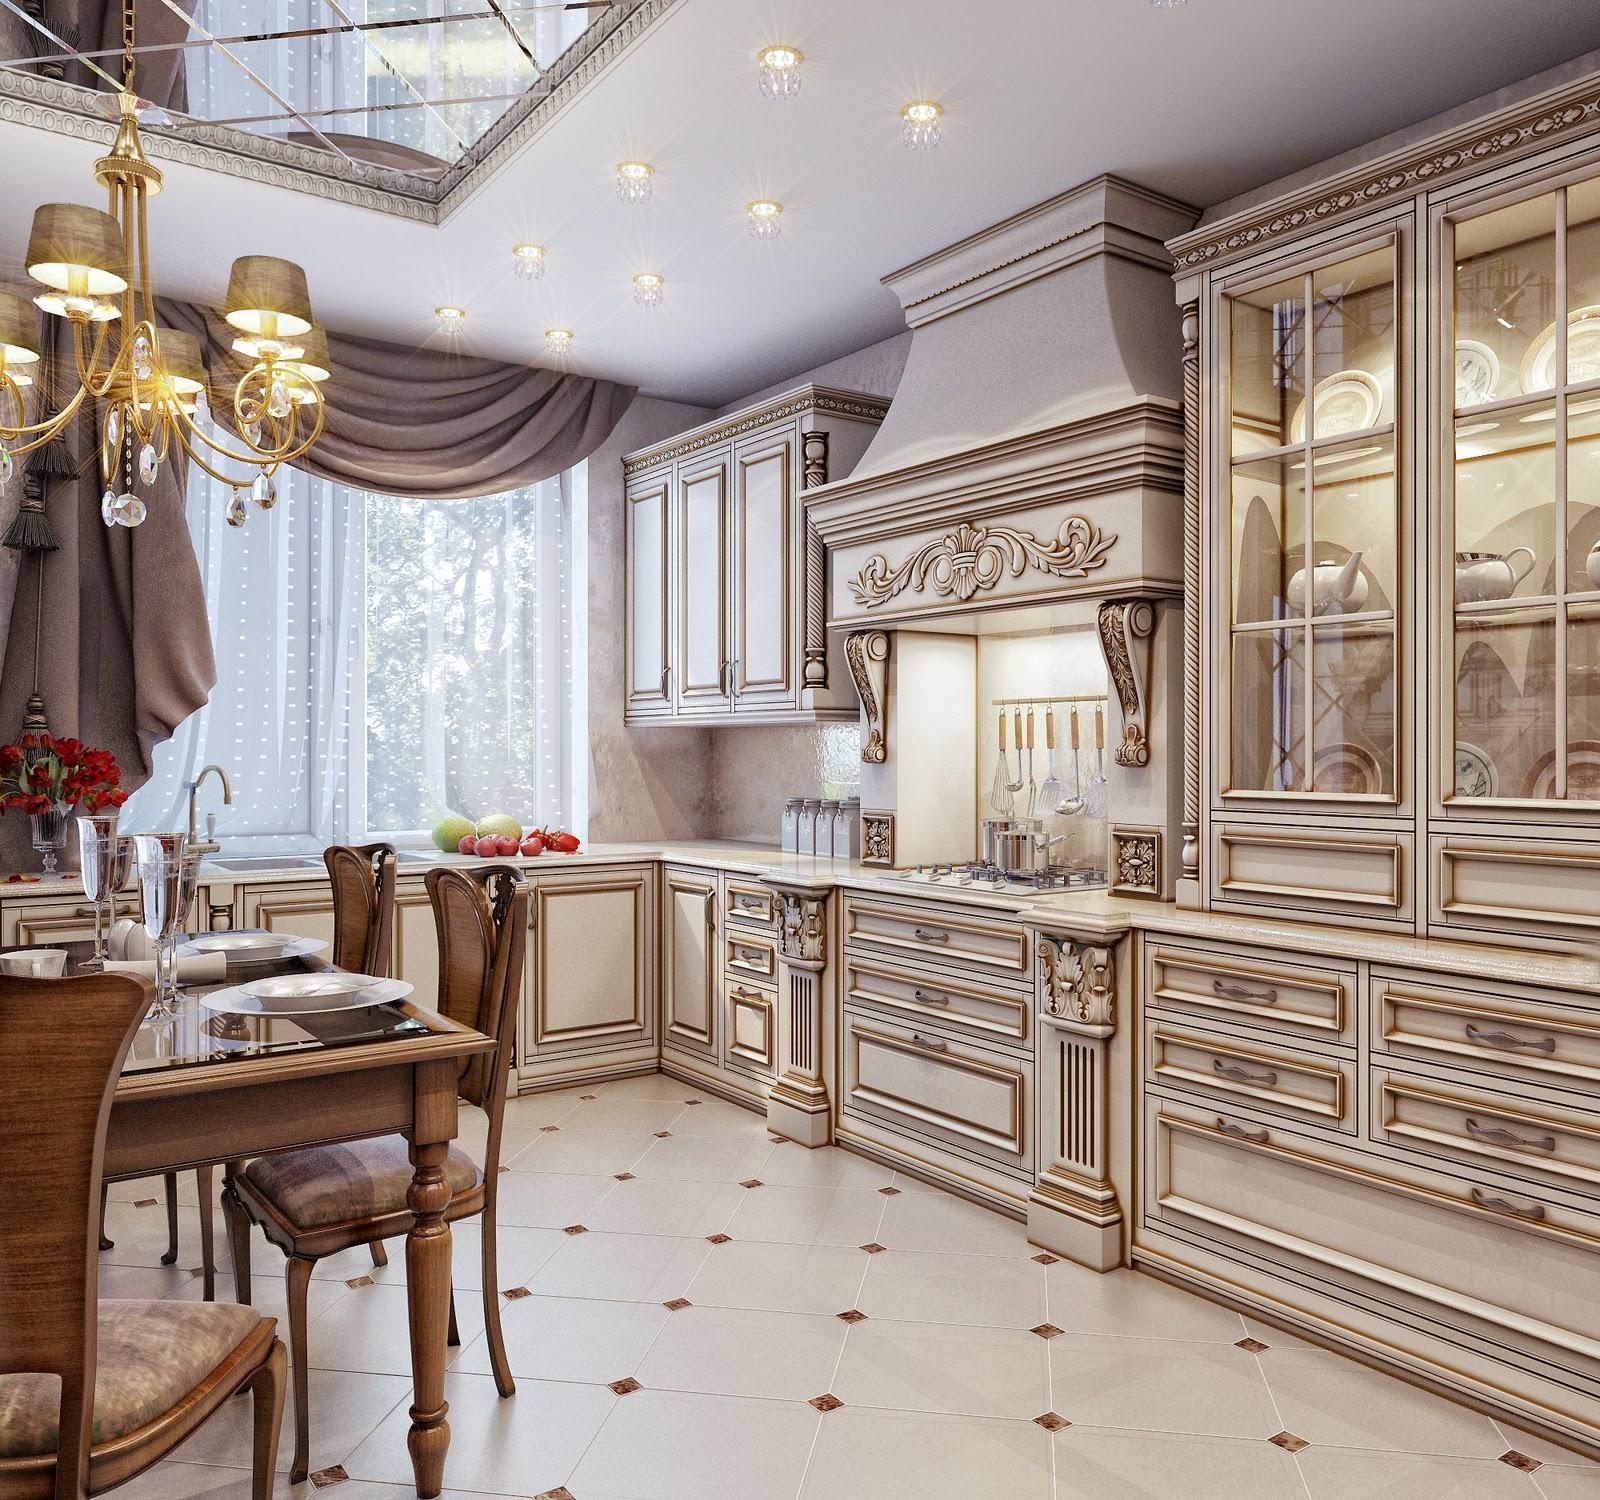 Дизайн классического интерьера кухни